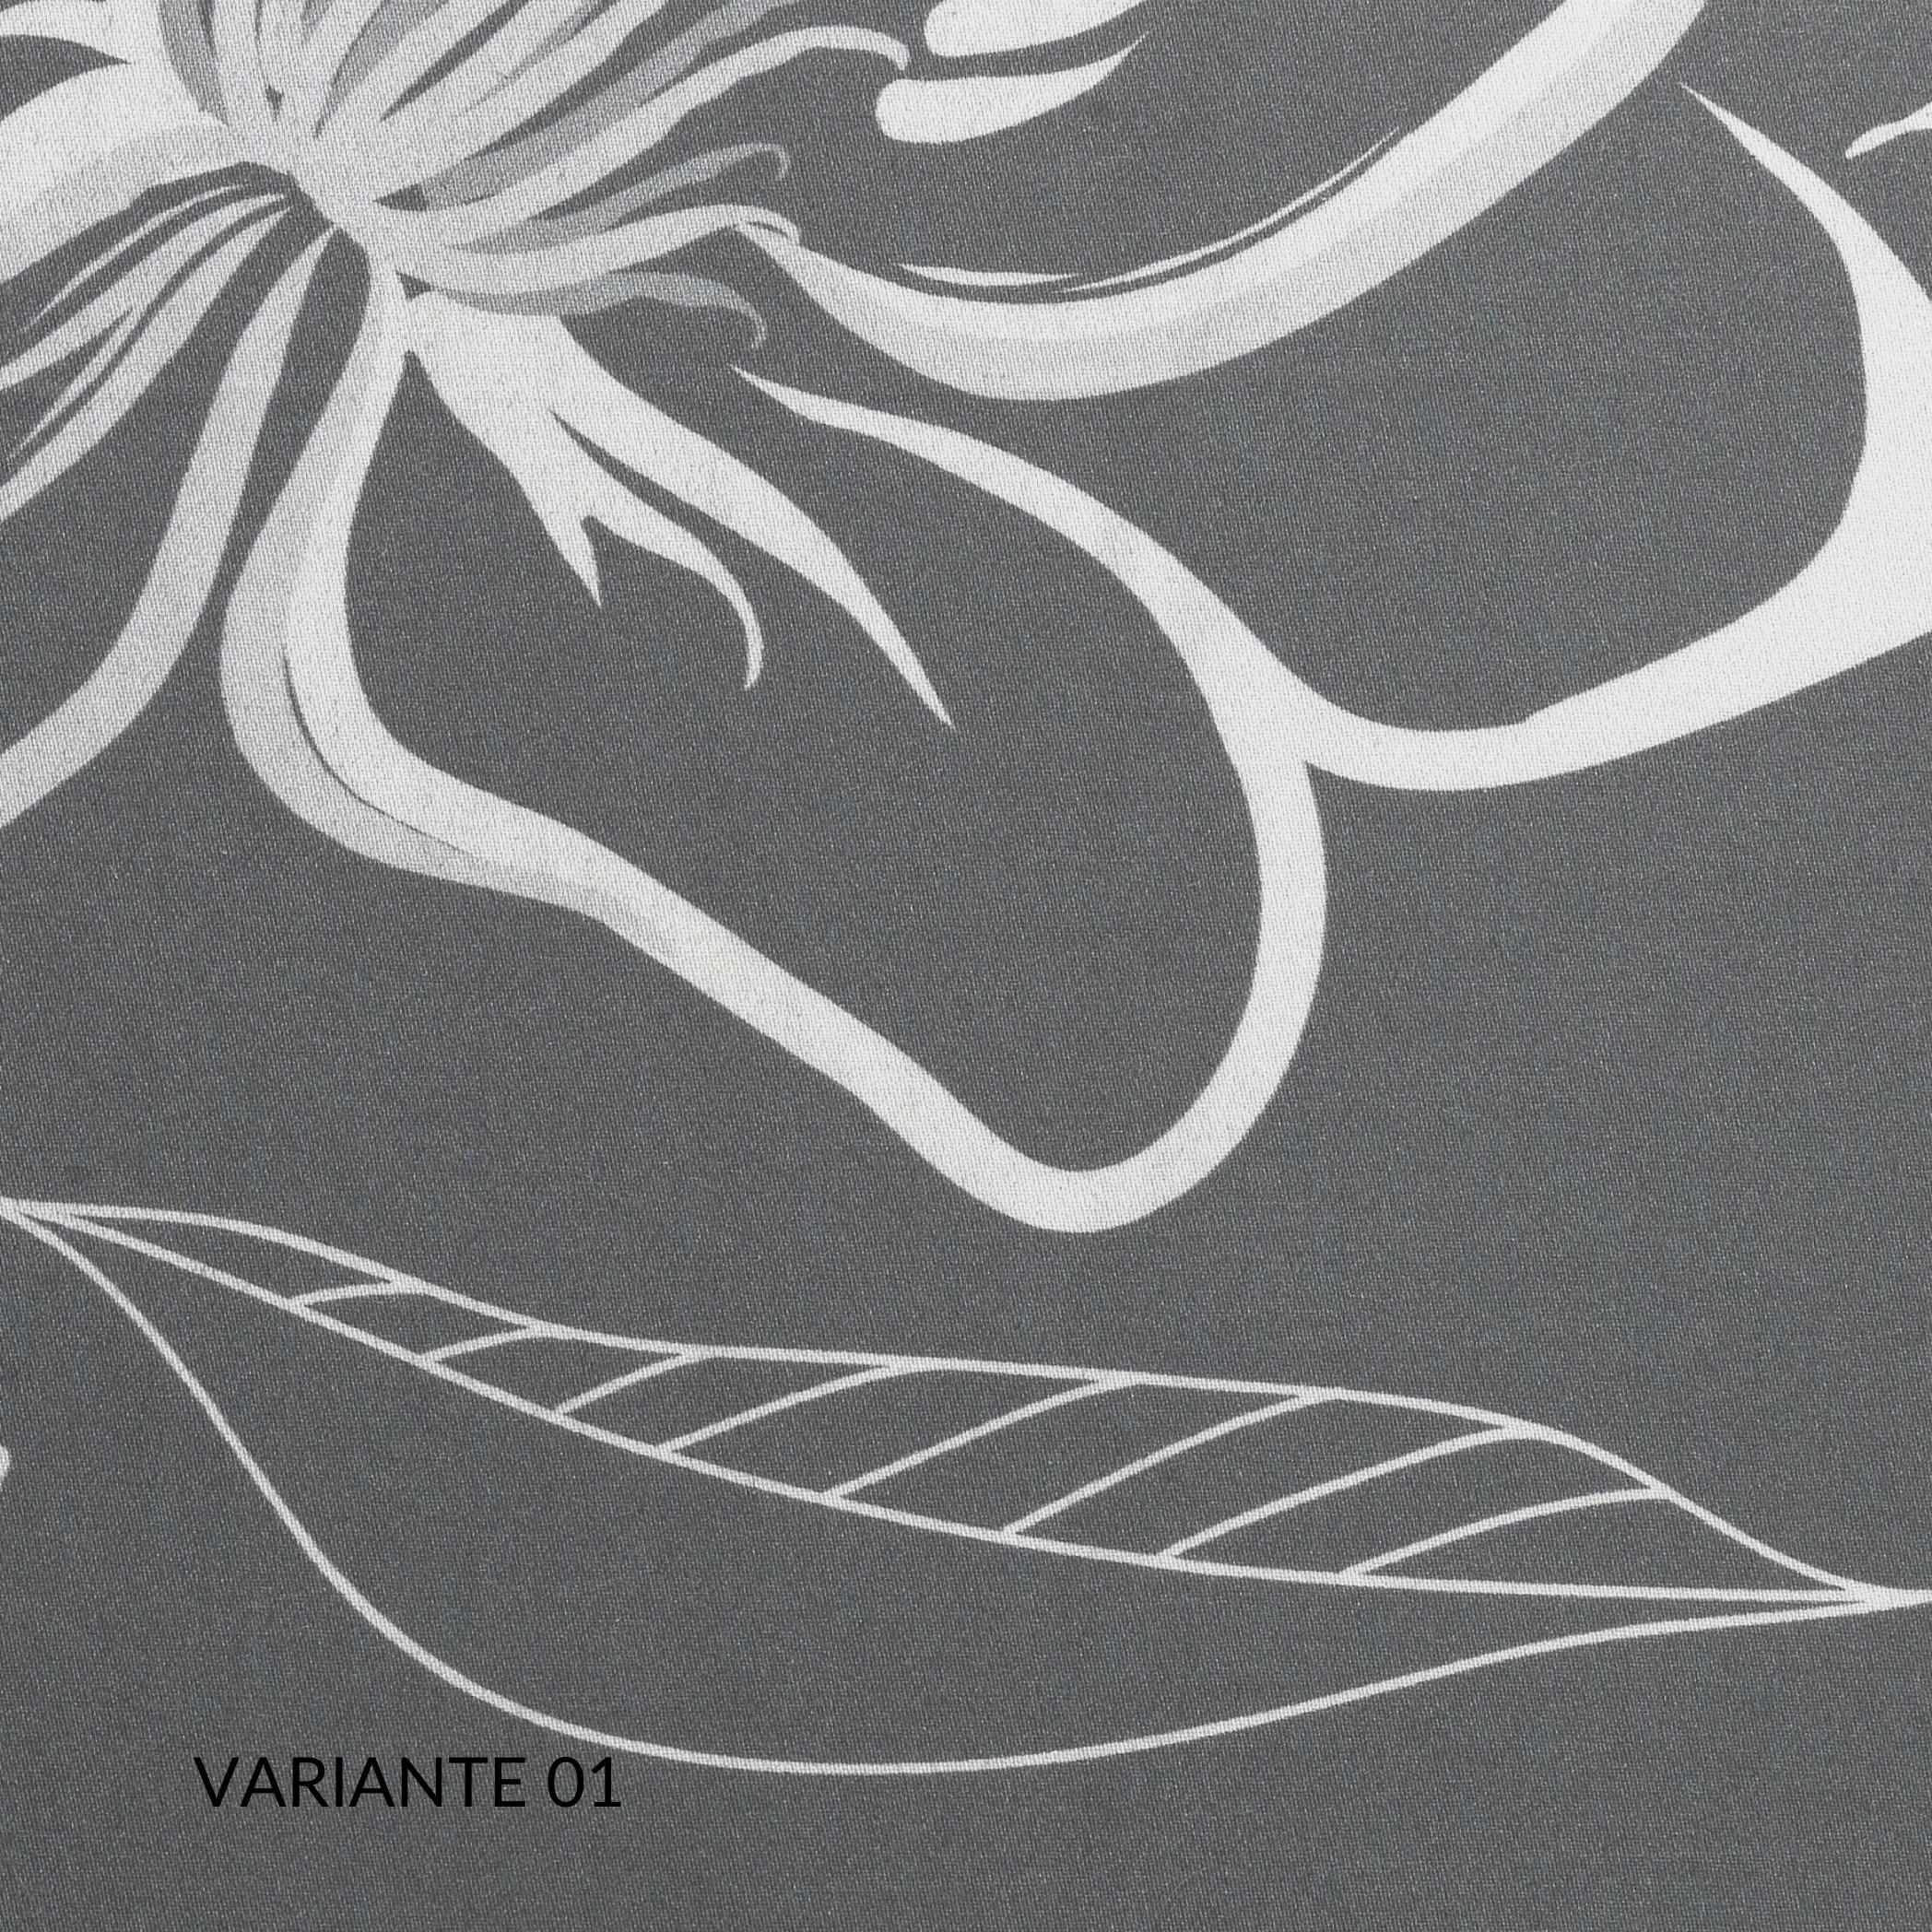 Trapunta Matrimoniale 270x270 cm con Rivestimento Floreale, 100% Raso Puro Cotone, Imbottito in Morbida Microfibra 100% Poliestere, Tessuto IPOALLERGENICO   BRISTOL